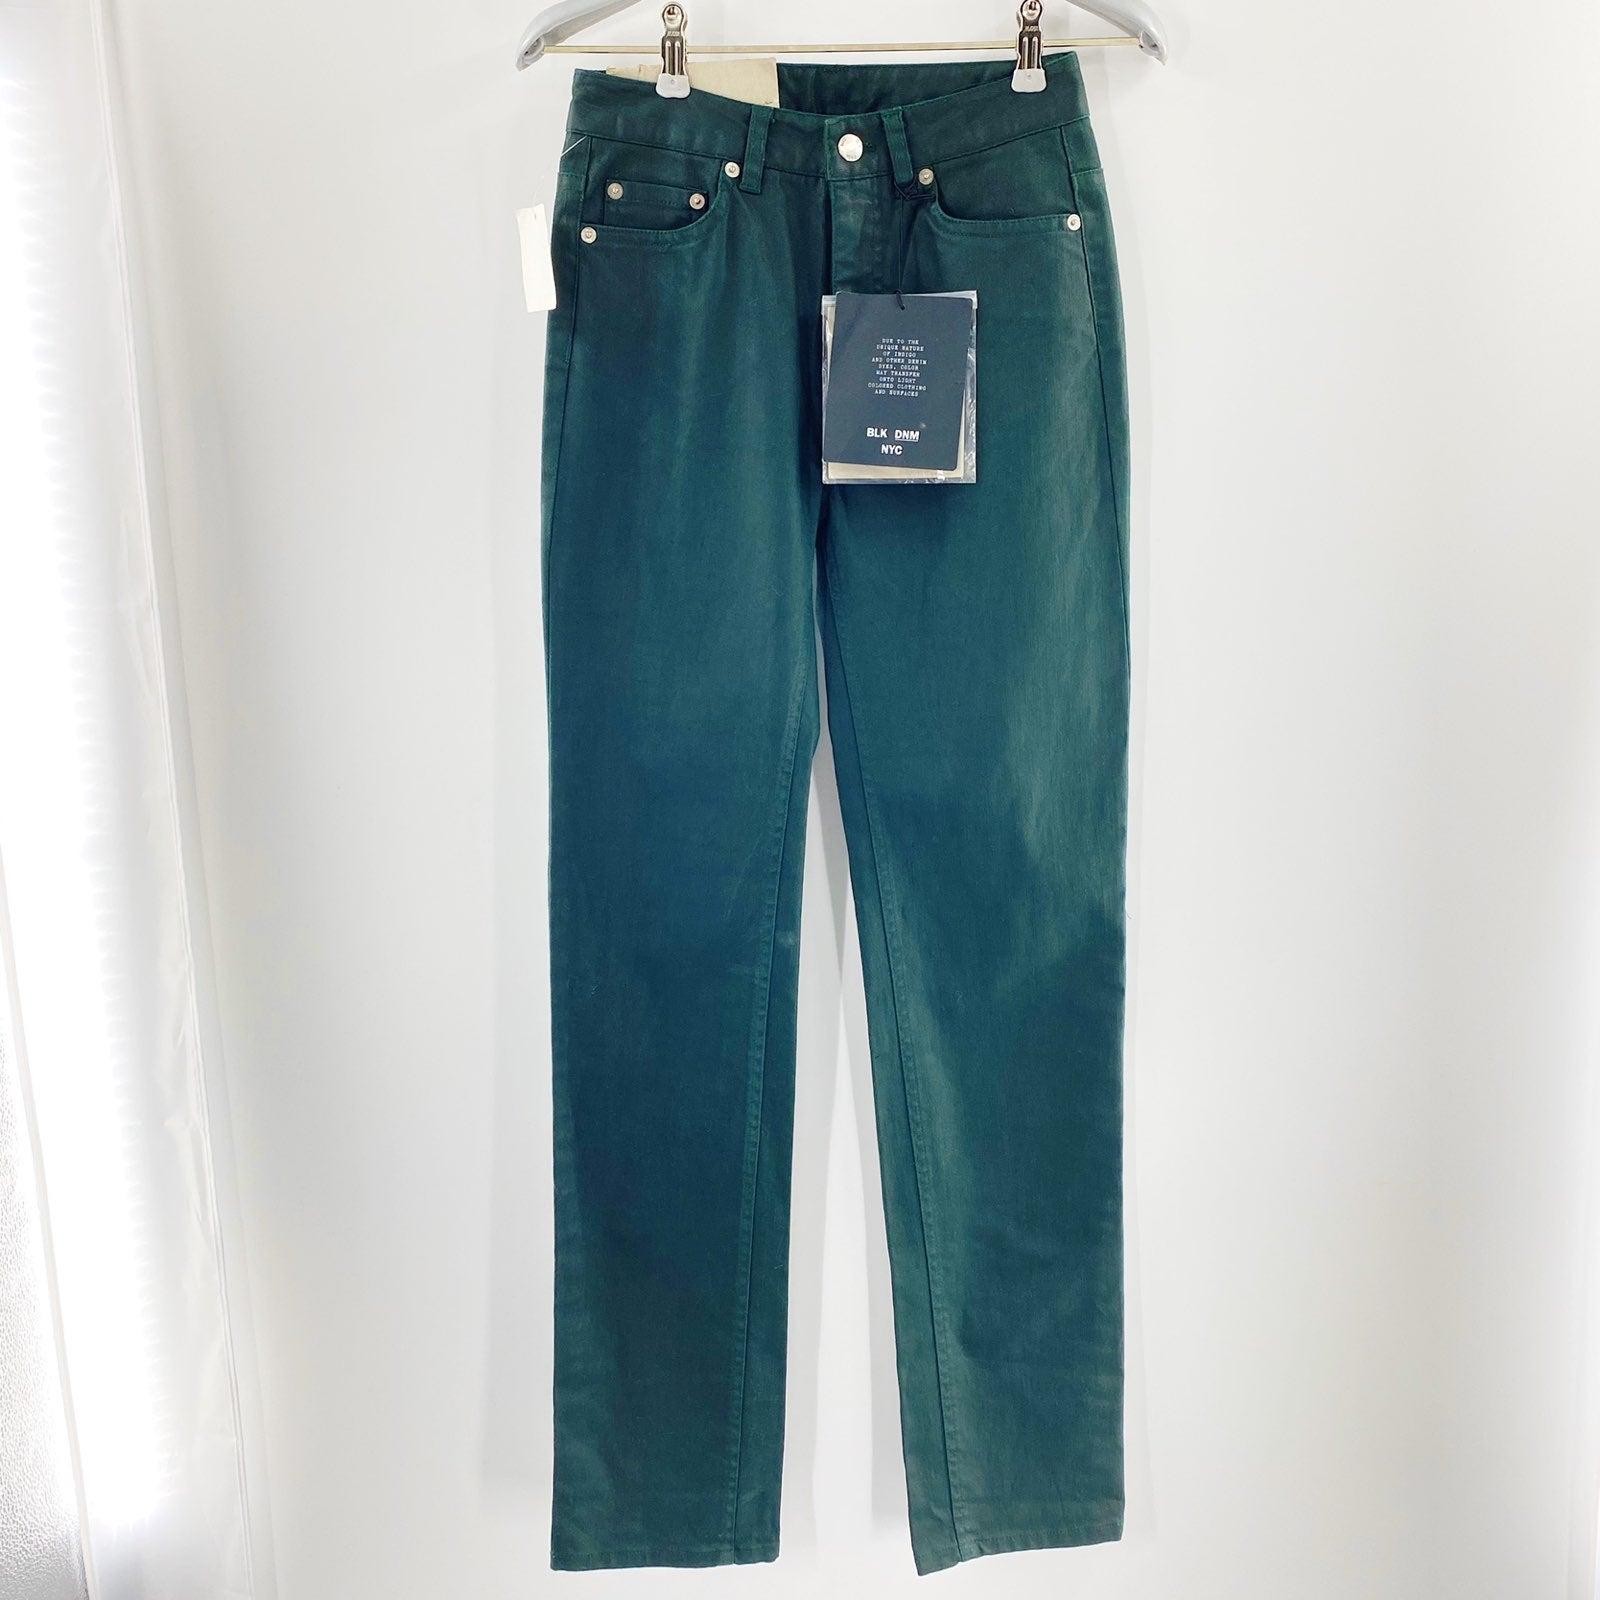 BLK DNM Men's Jeans 6 Regular Rise